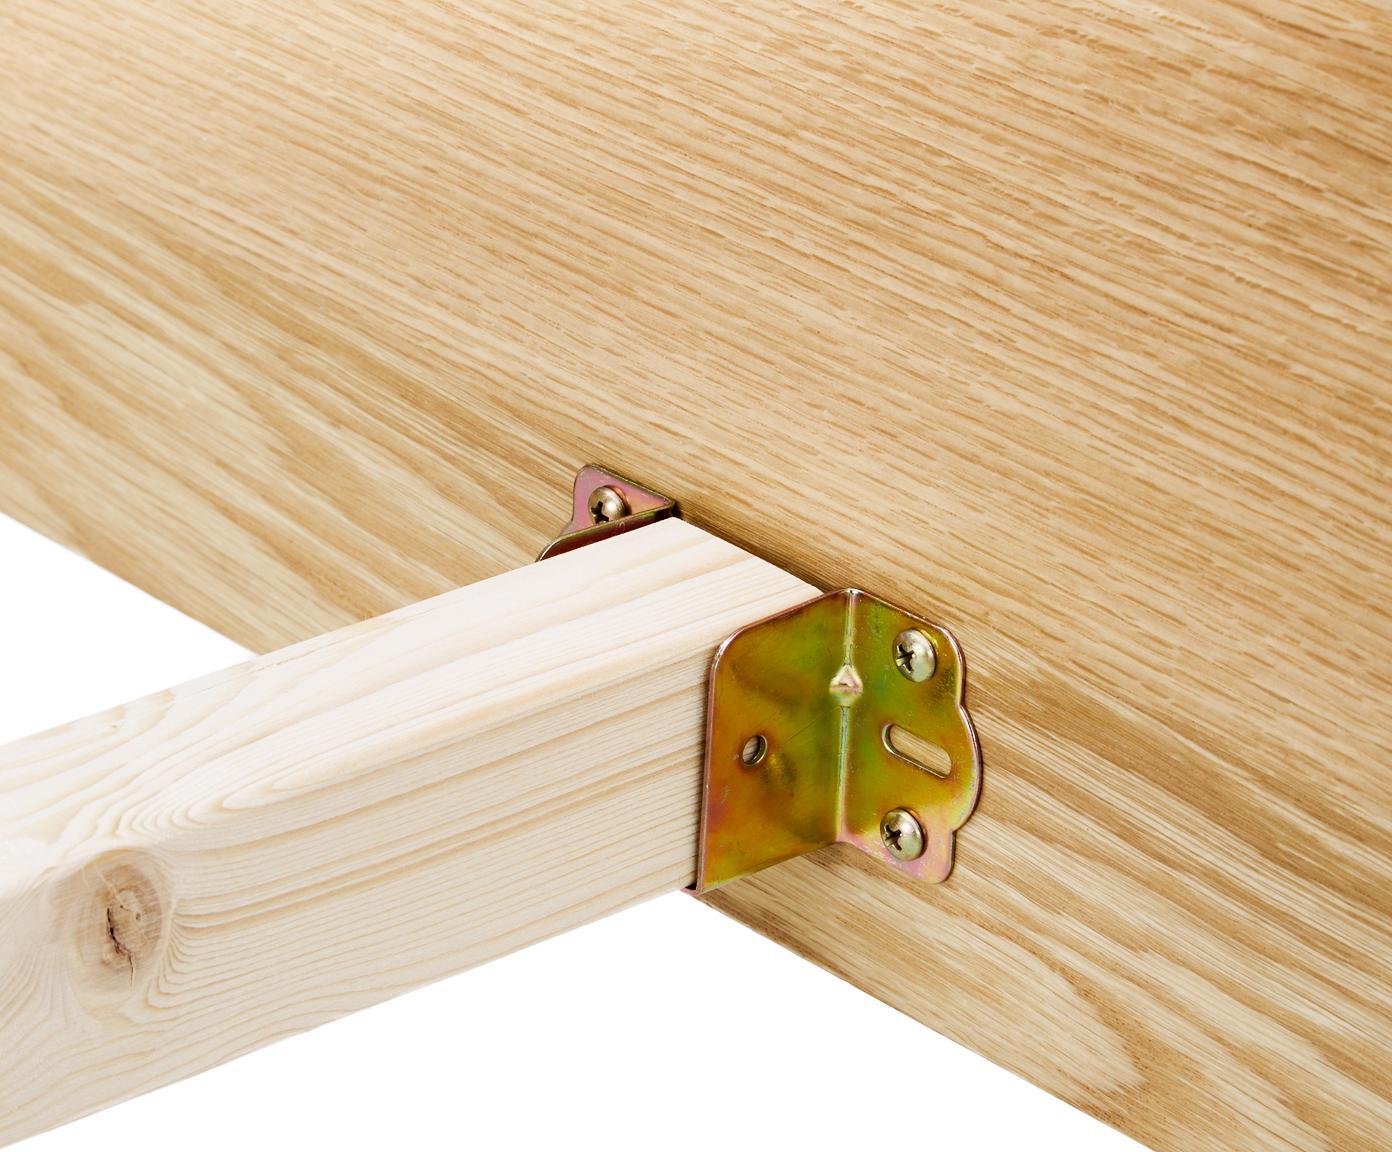 Łóżko z drewna z zagłówkiem Tammy, Stelaż: płyta pilśniowa średniej , Nogi: lite drewno dębowe, Drewno dębowe, 180 x 200 cm